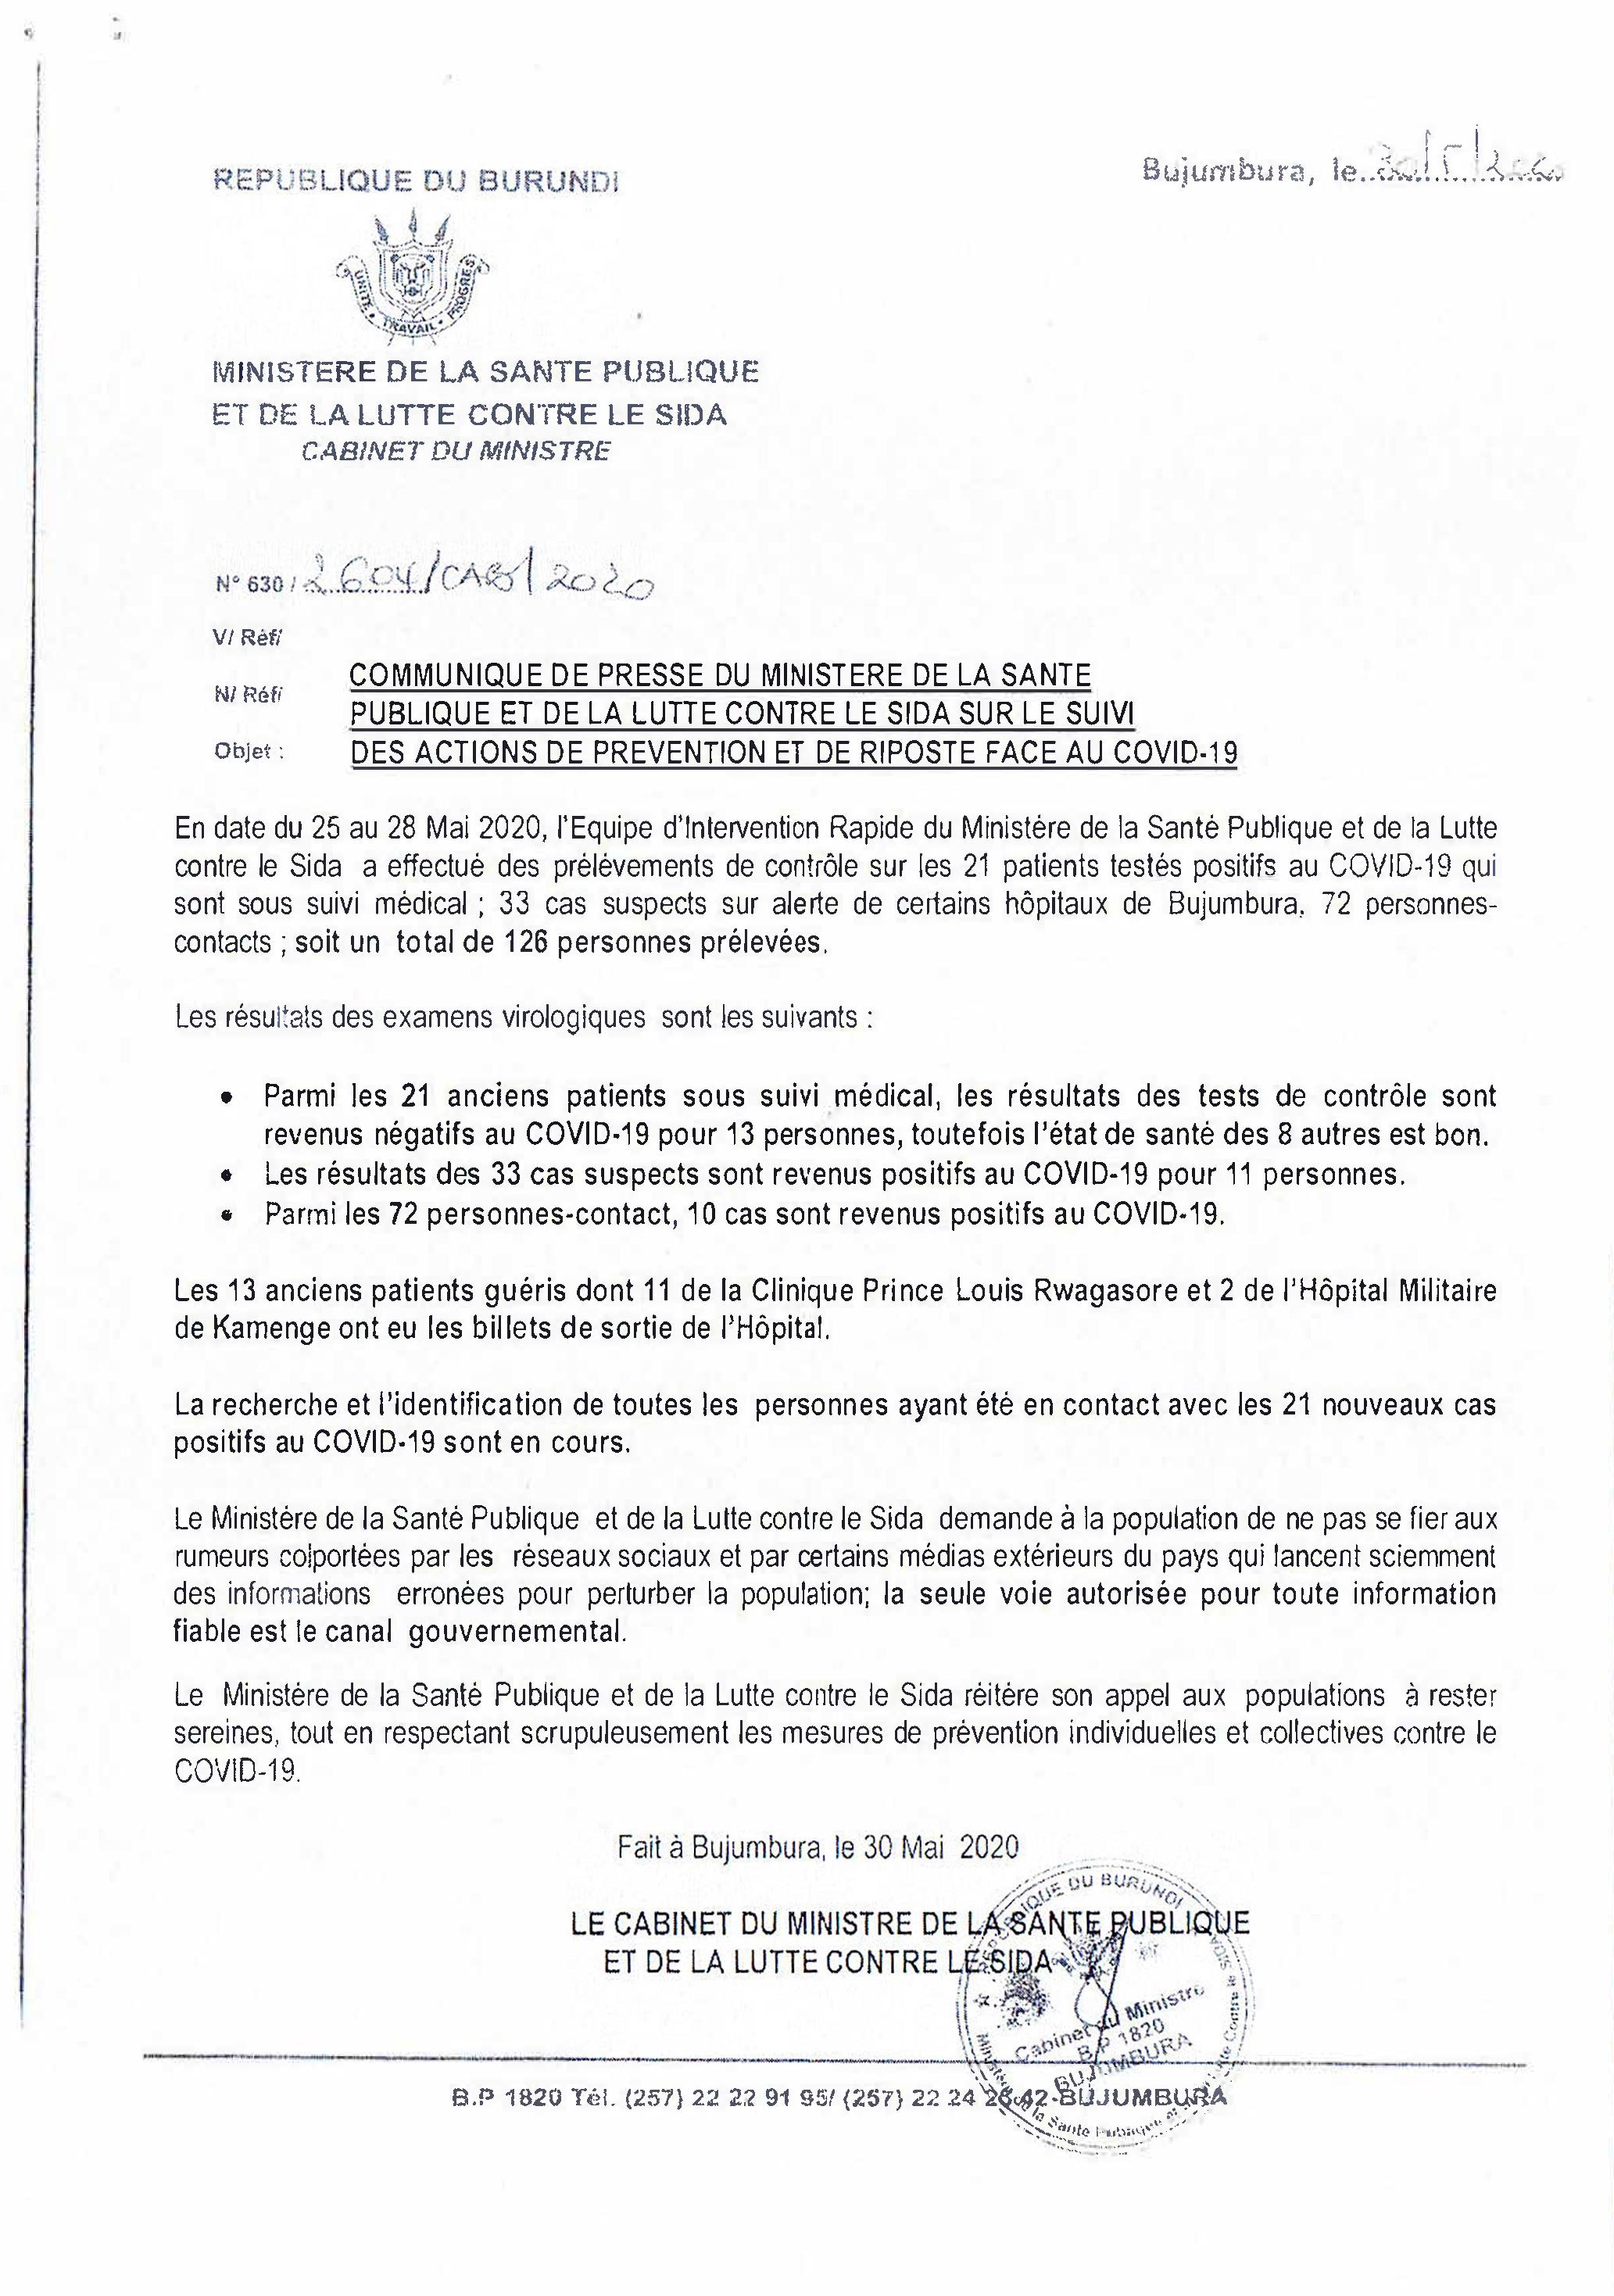 Communiqué sur le Suivi des Actions de Prélèvement et de Riposte Face au COVID-19